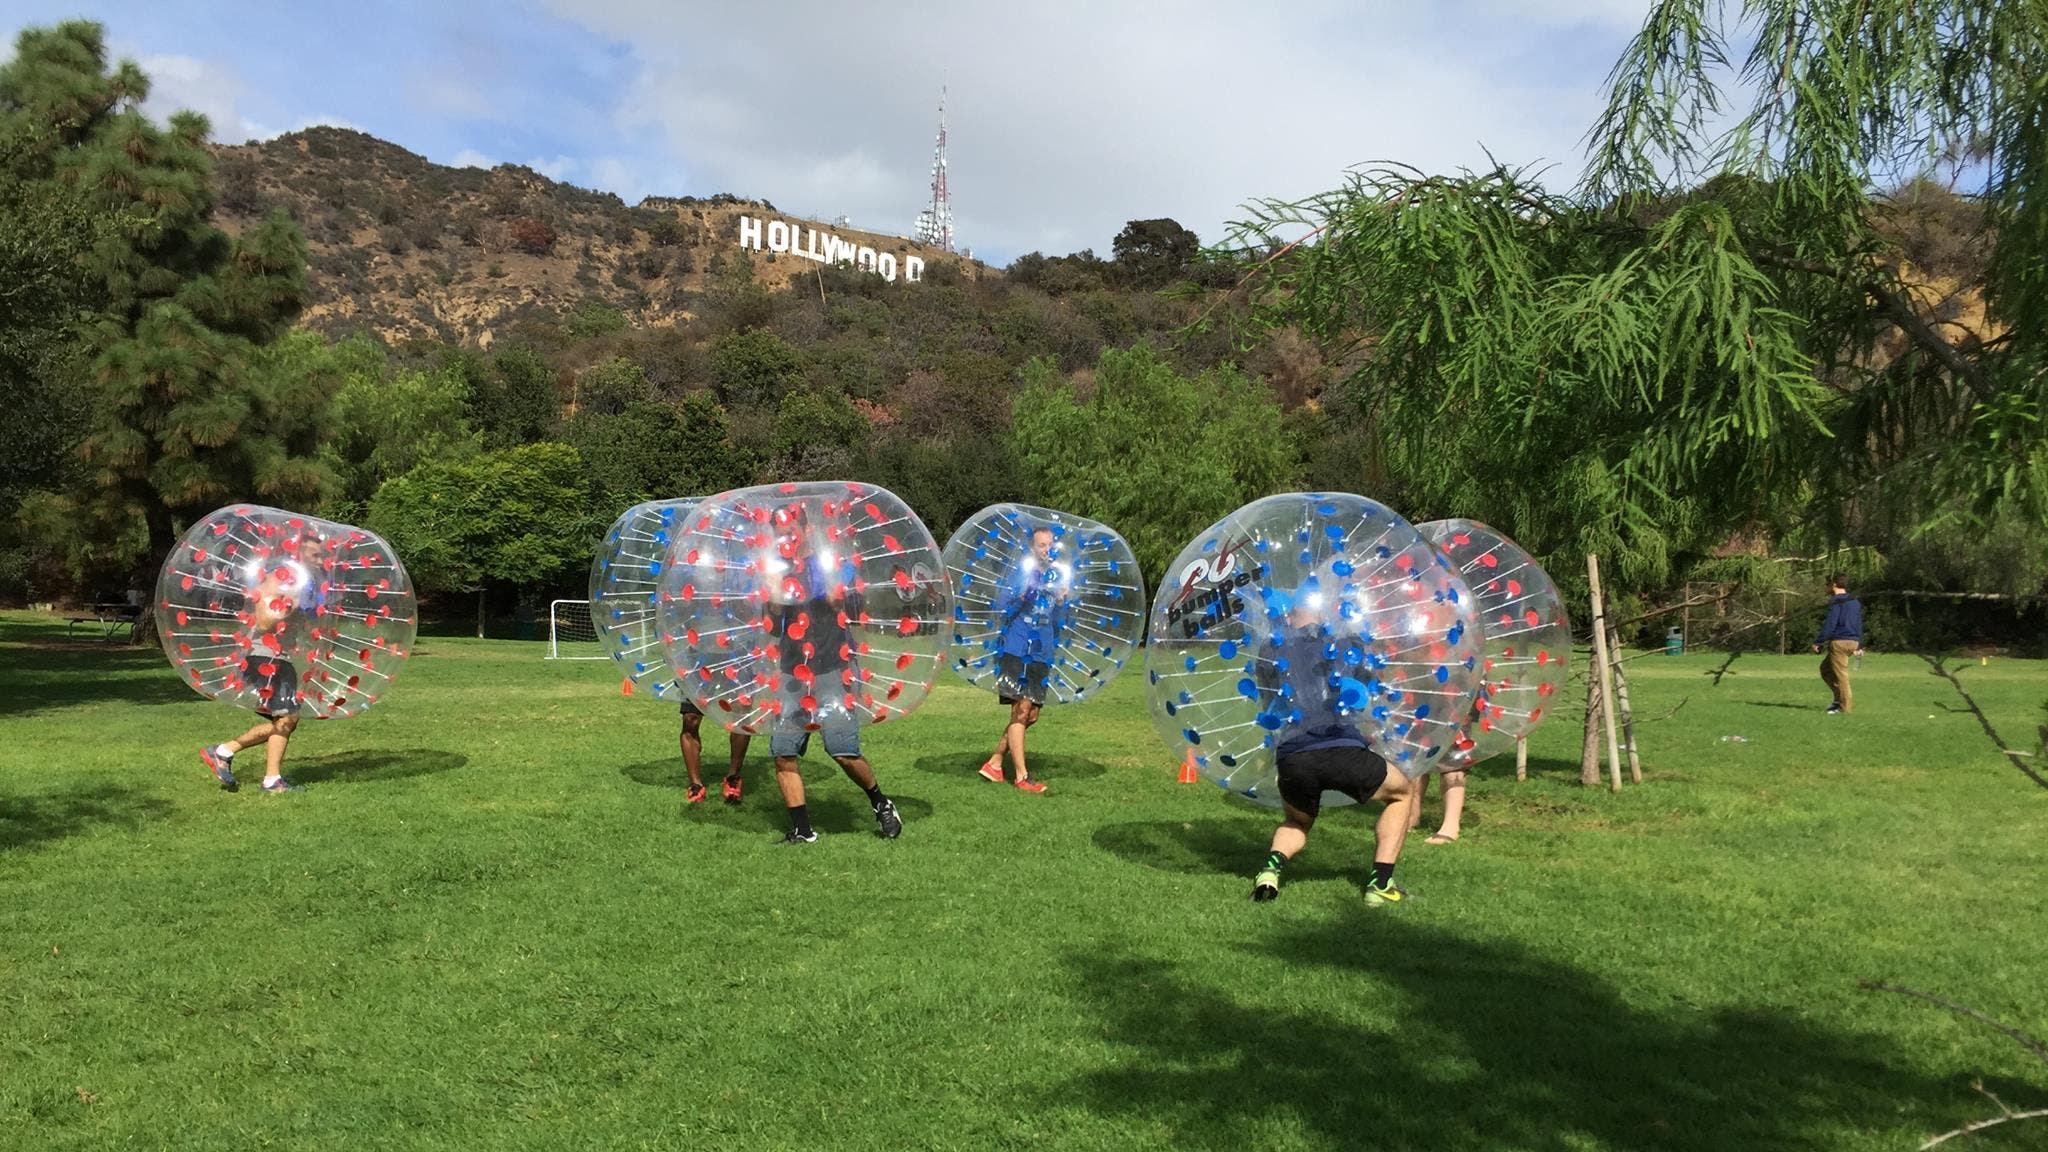 Bumper Balls at Lake Hollywood Park